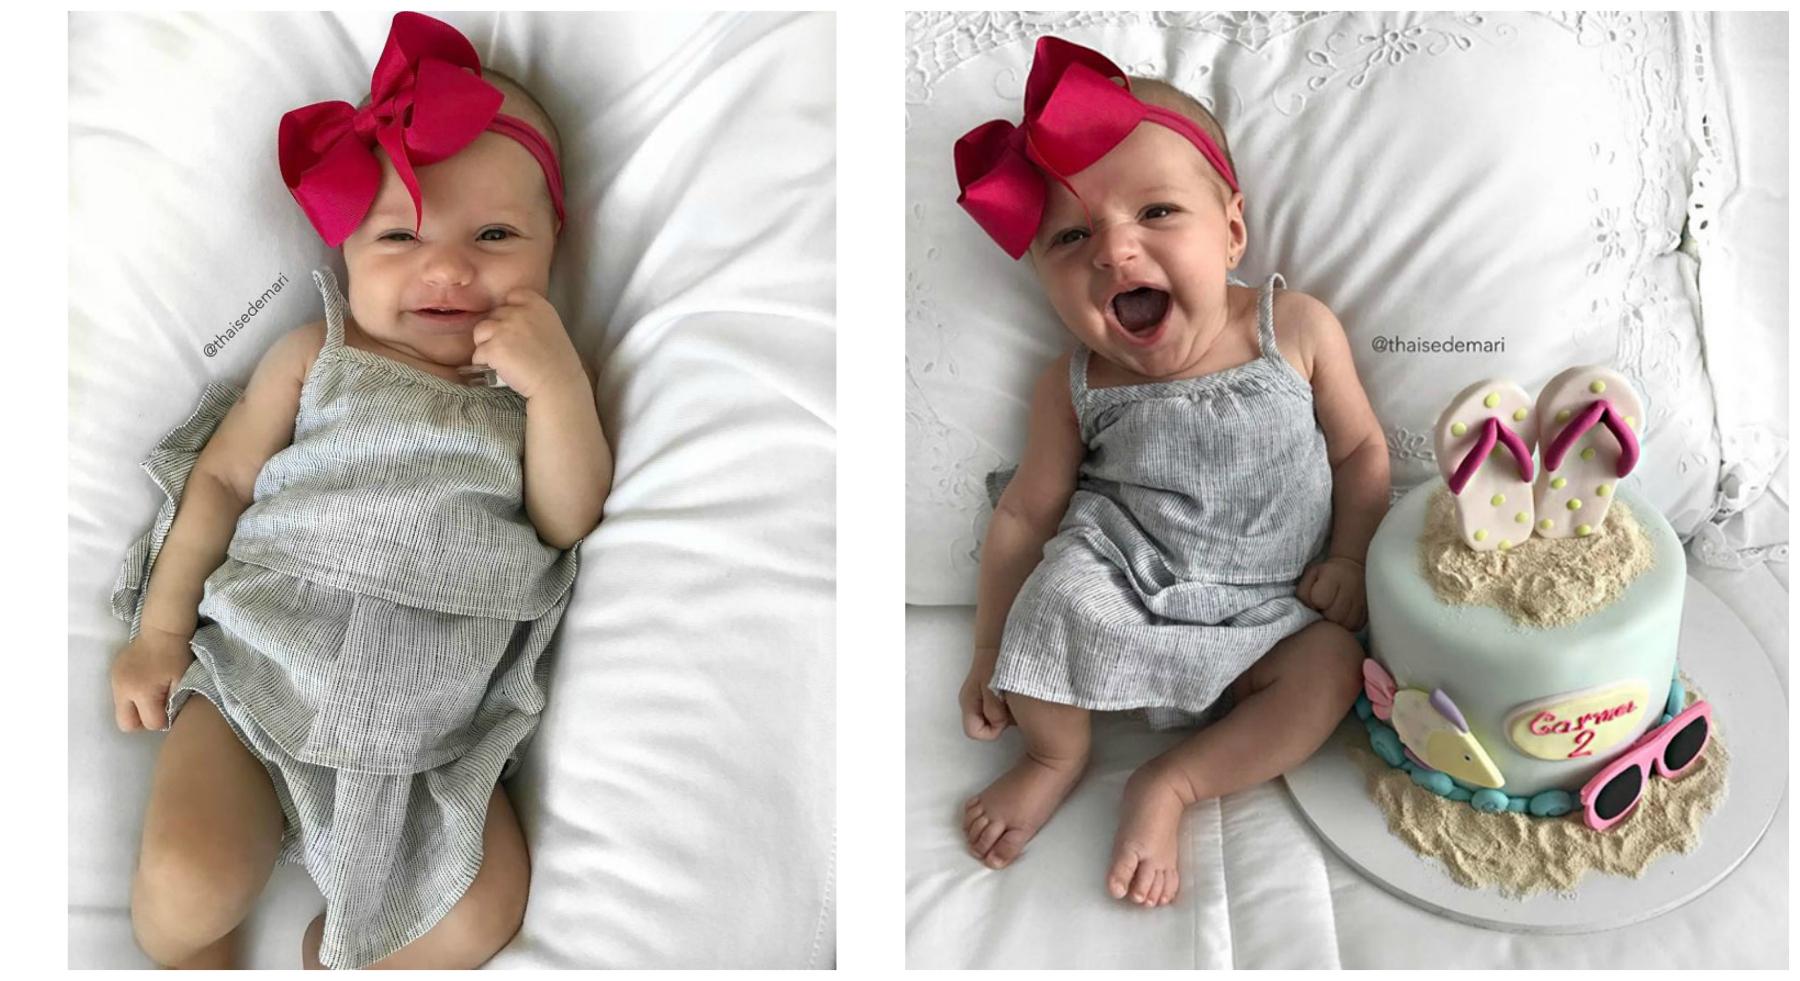 Сейчас крошке всего несколько месяцев, но, похоже, ее популярность в модных блогах и социальных сетя